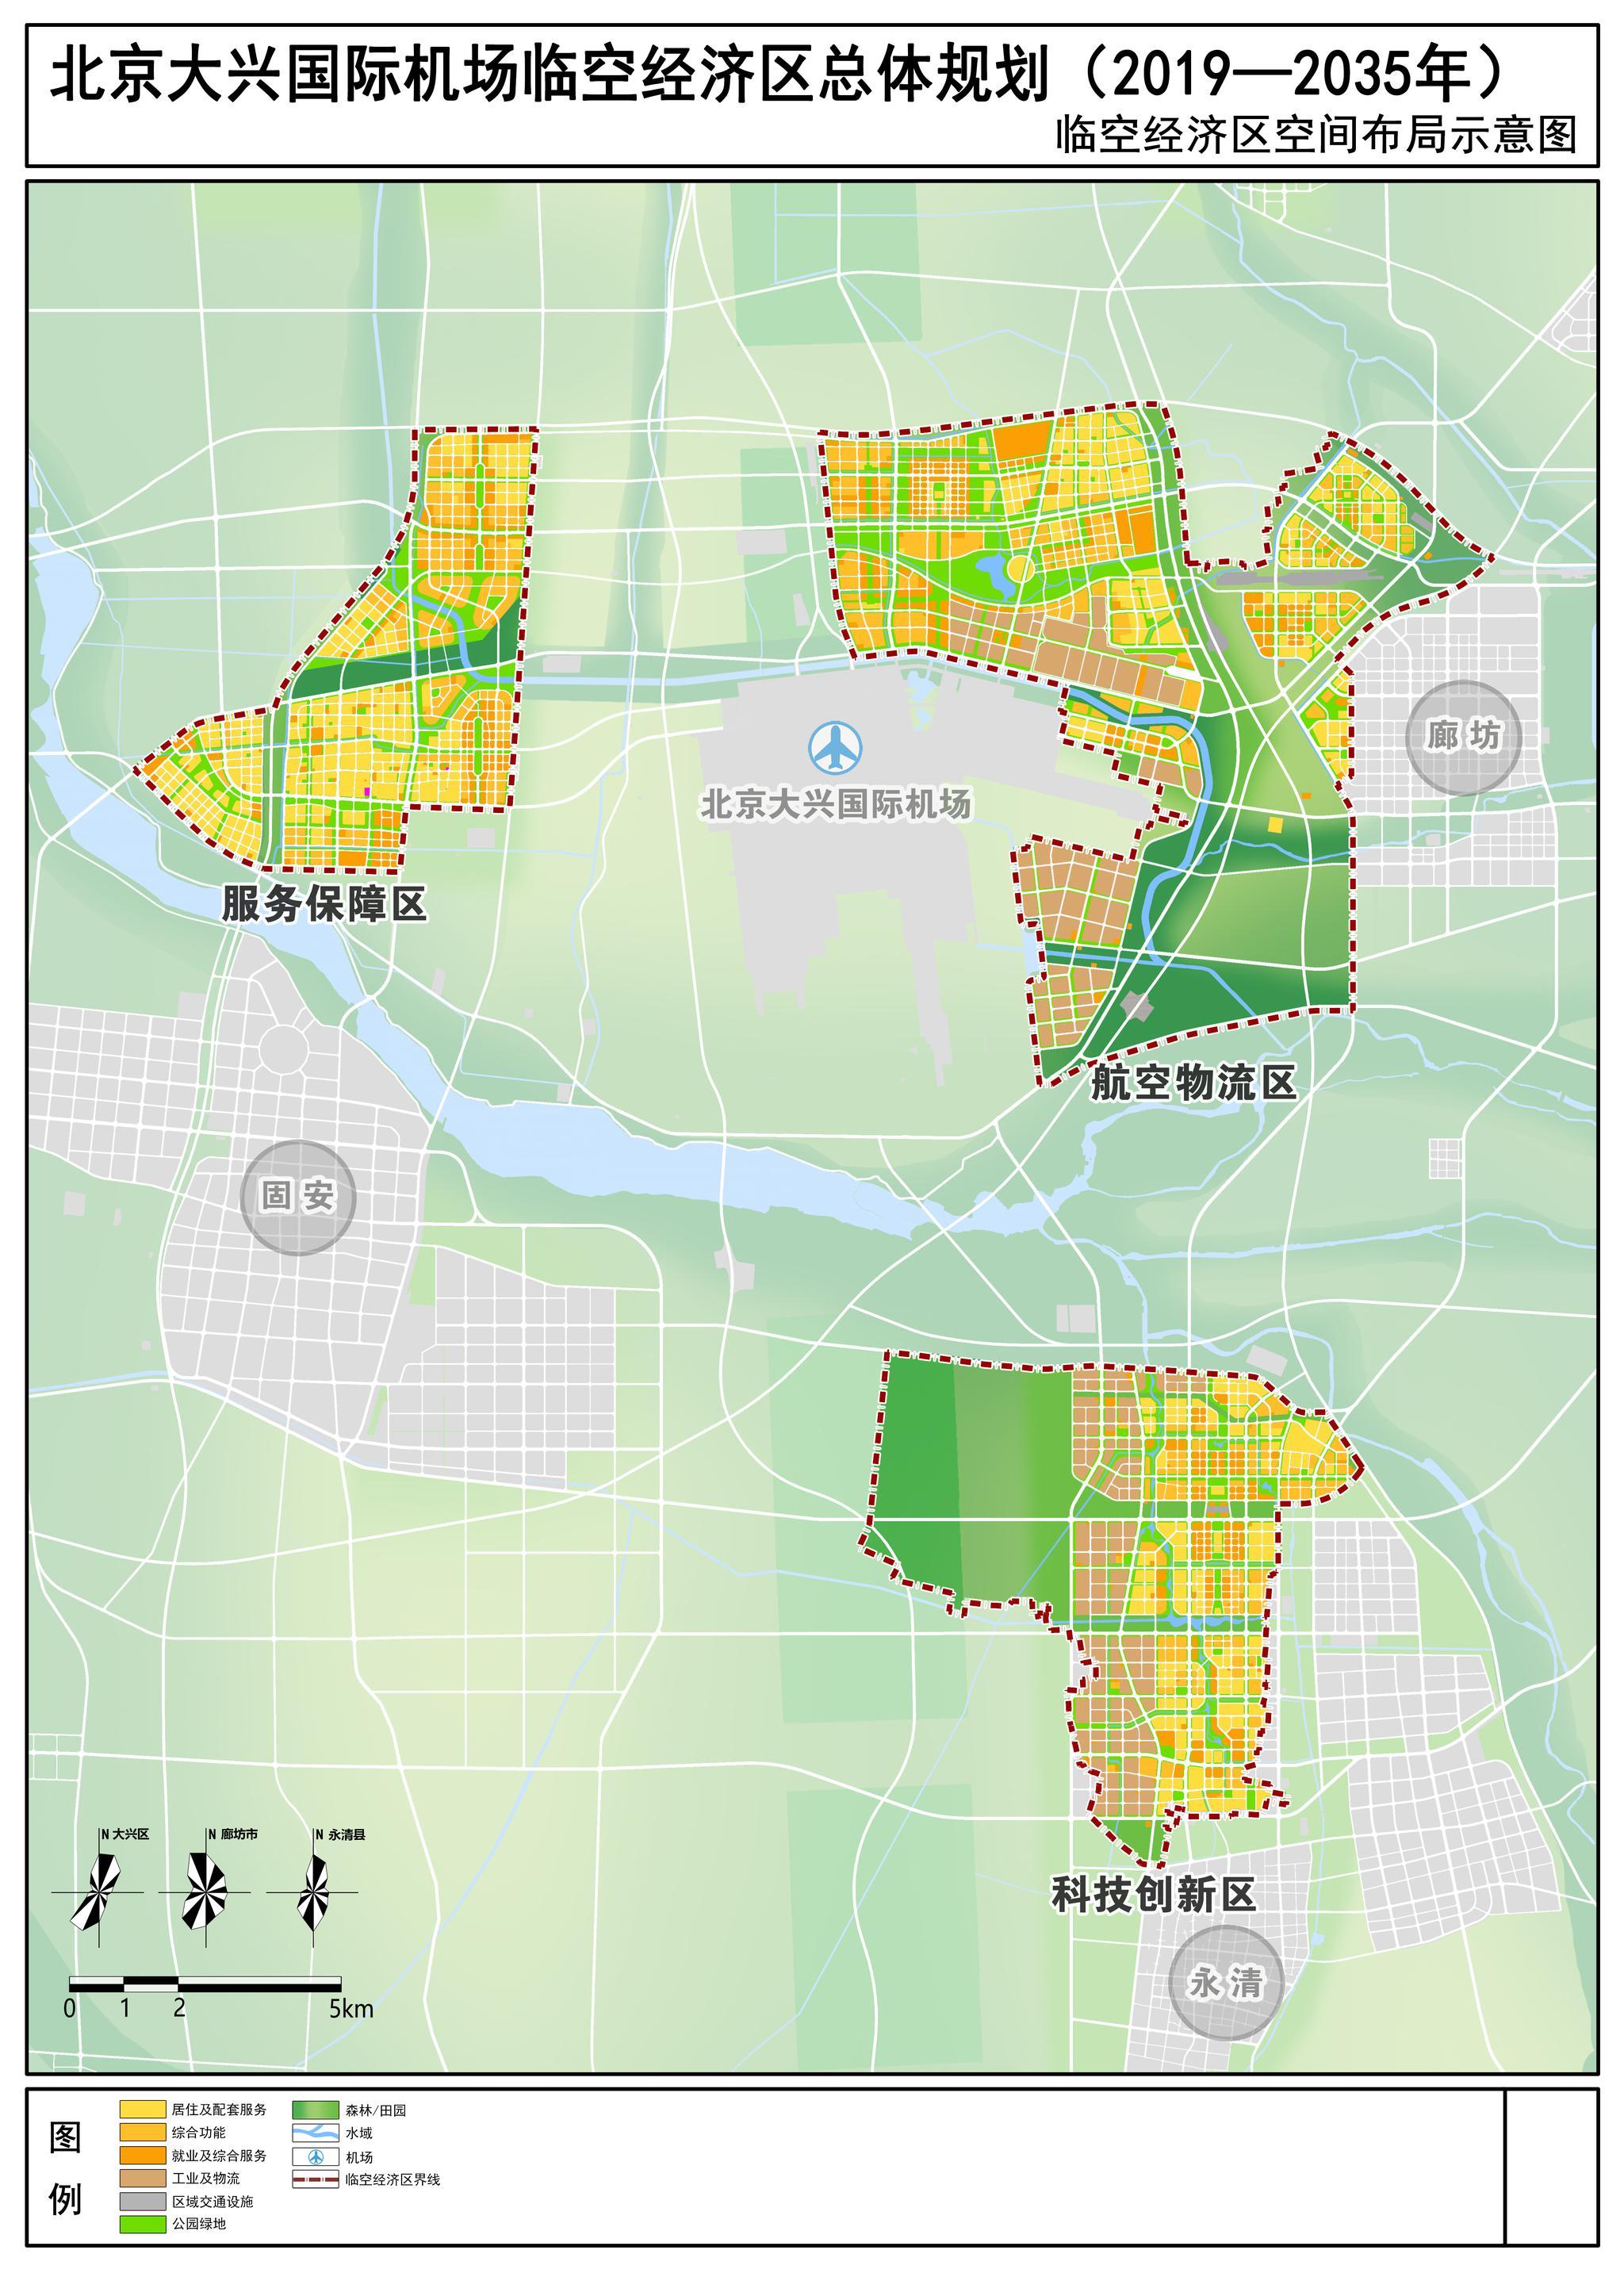 正大娱乐场存款方式 - 生态环境部:长江保护法正加快制定,计划2019年底前提请审议